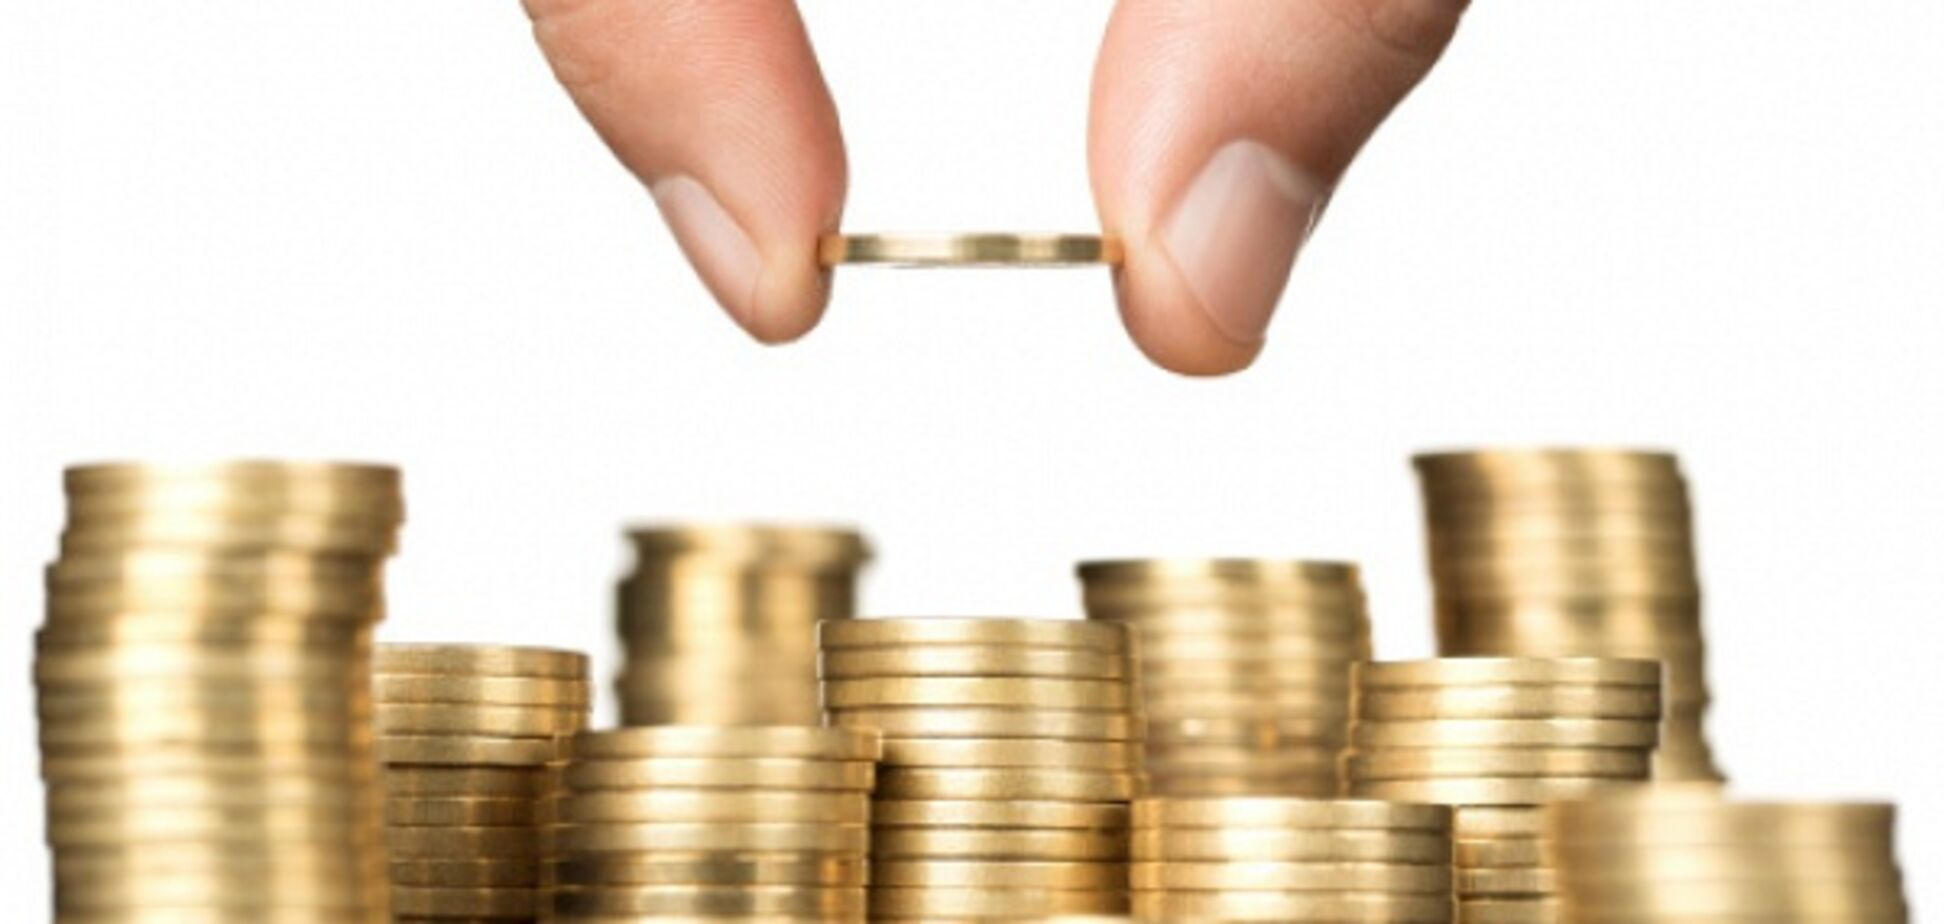 Бюджет: нарощення боргів, кінець децентралізації, знищення профтехосвіти